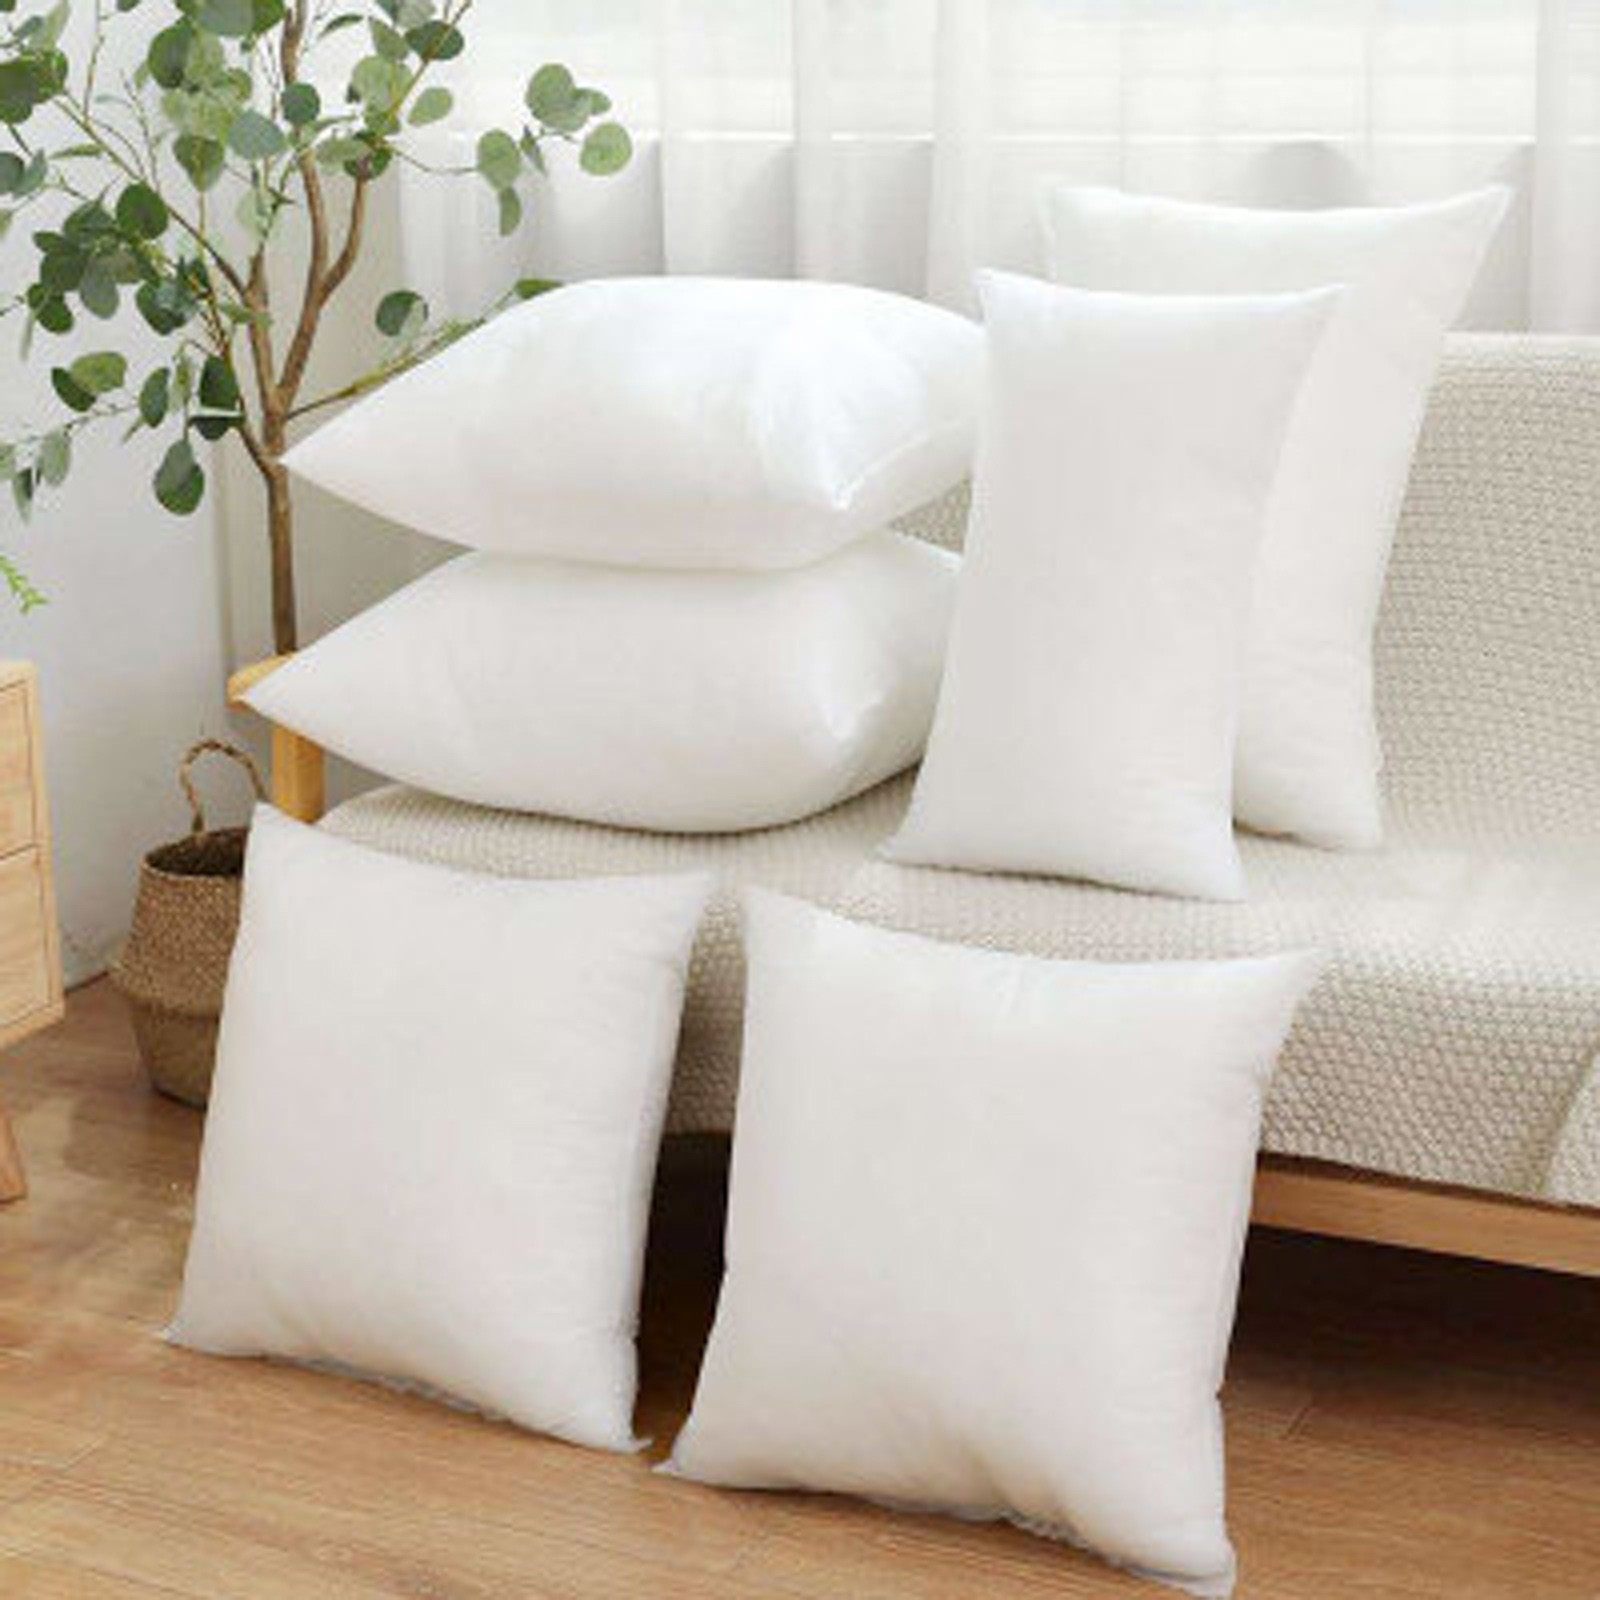 Домашняя Нетканая Подушка с внутренним наполнителем, шерстяная подушка с хлопковой подкладкой, мягкая подушка для дивана, подушка с внутре...